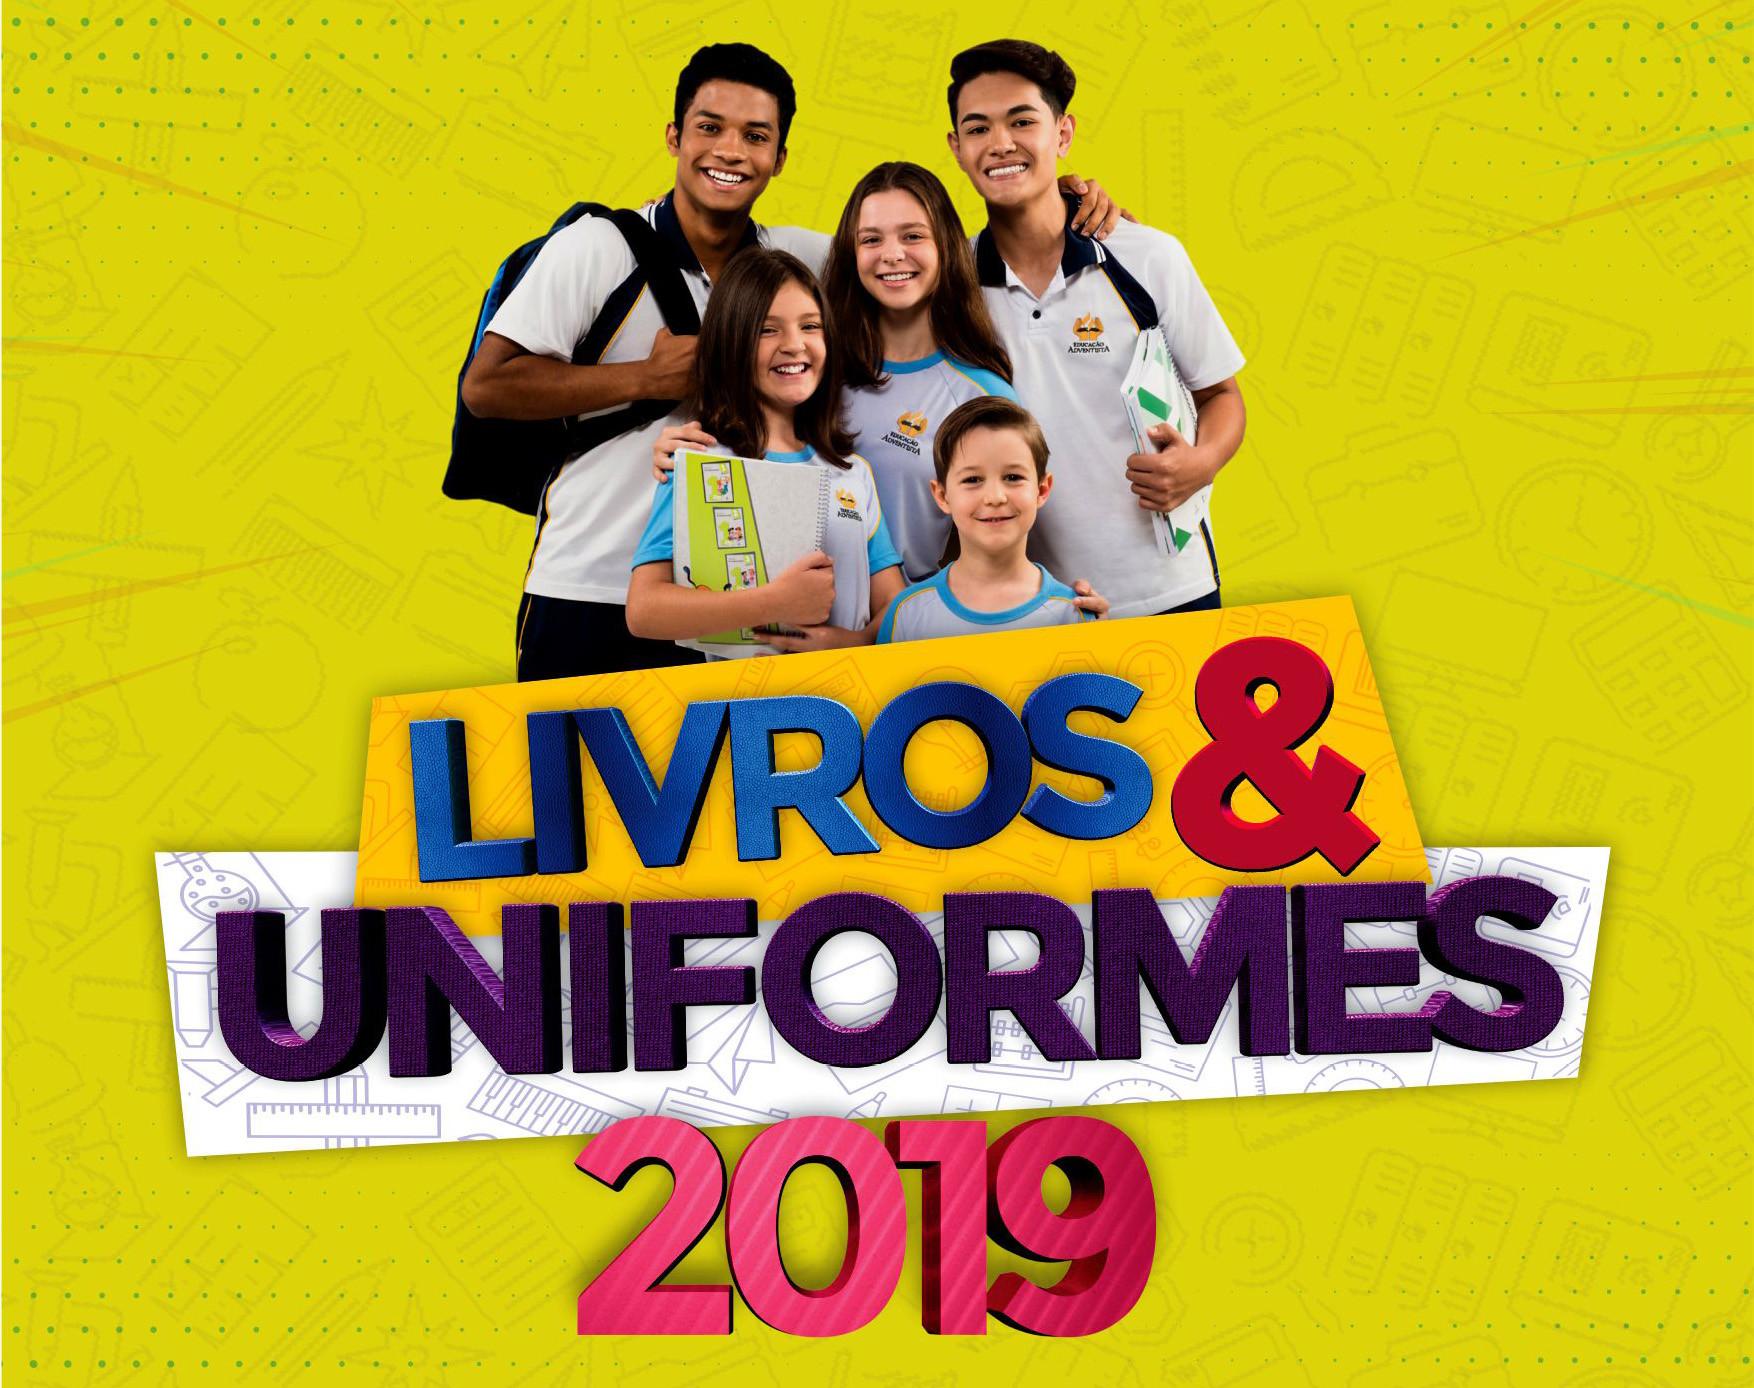 Livros e Uniformes 2019